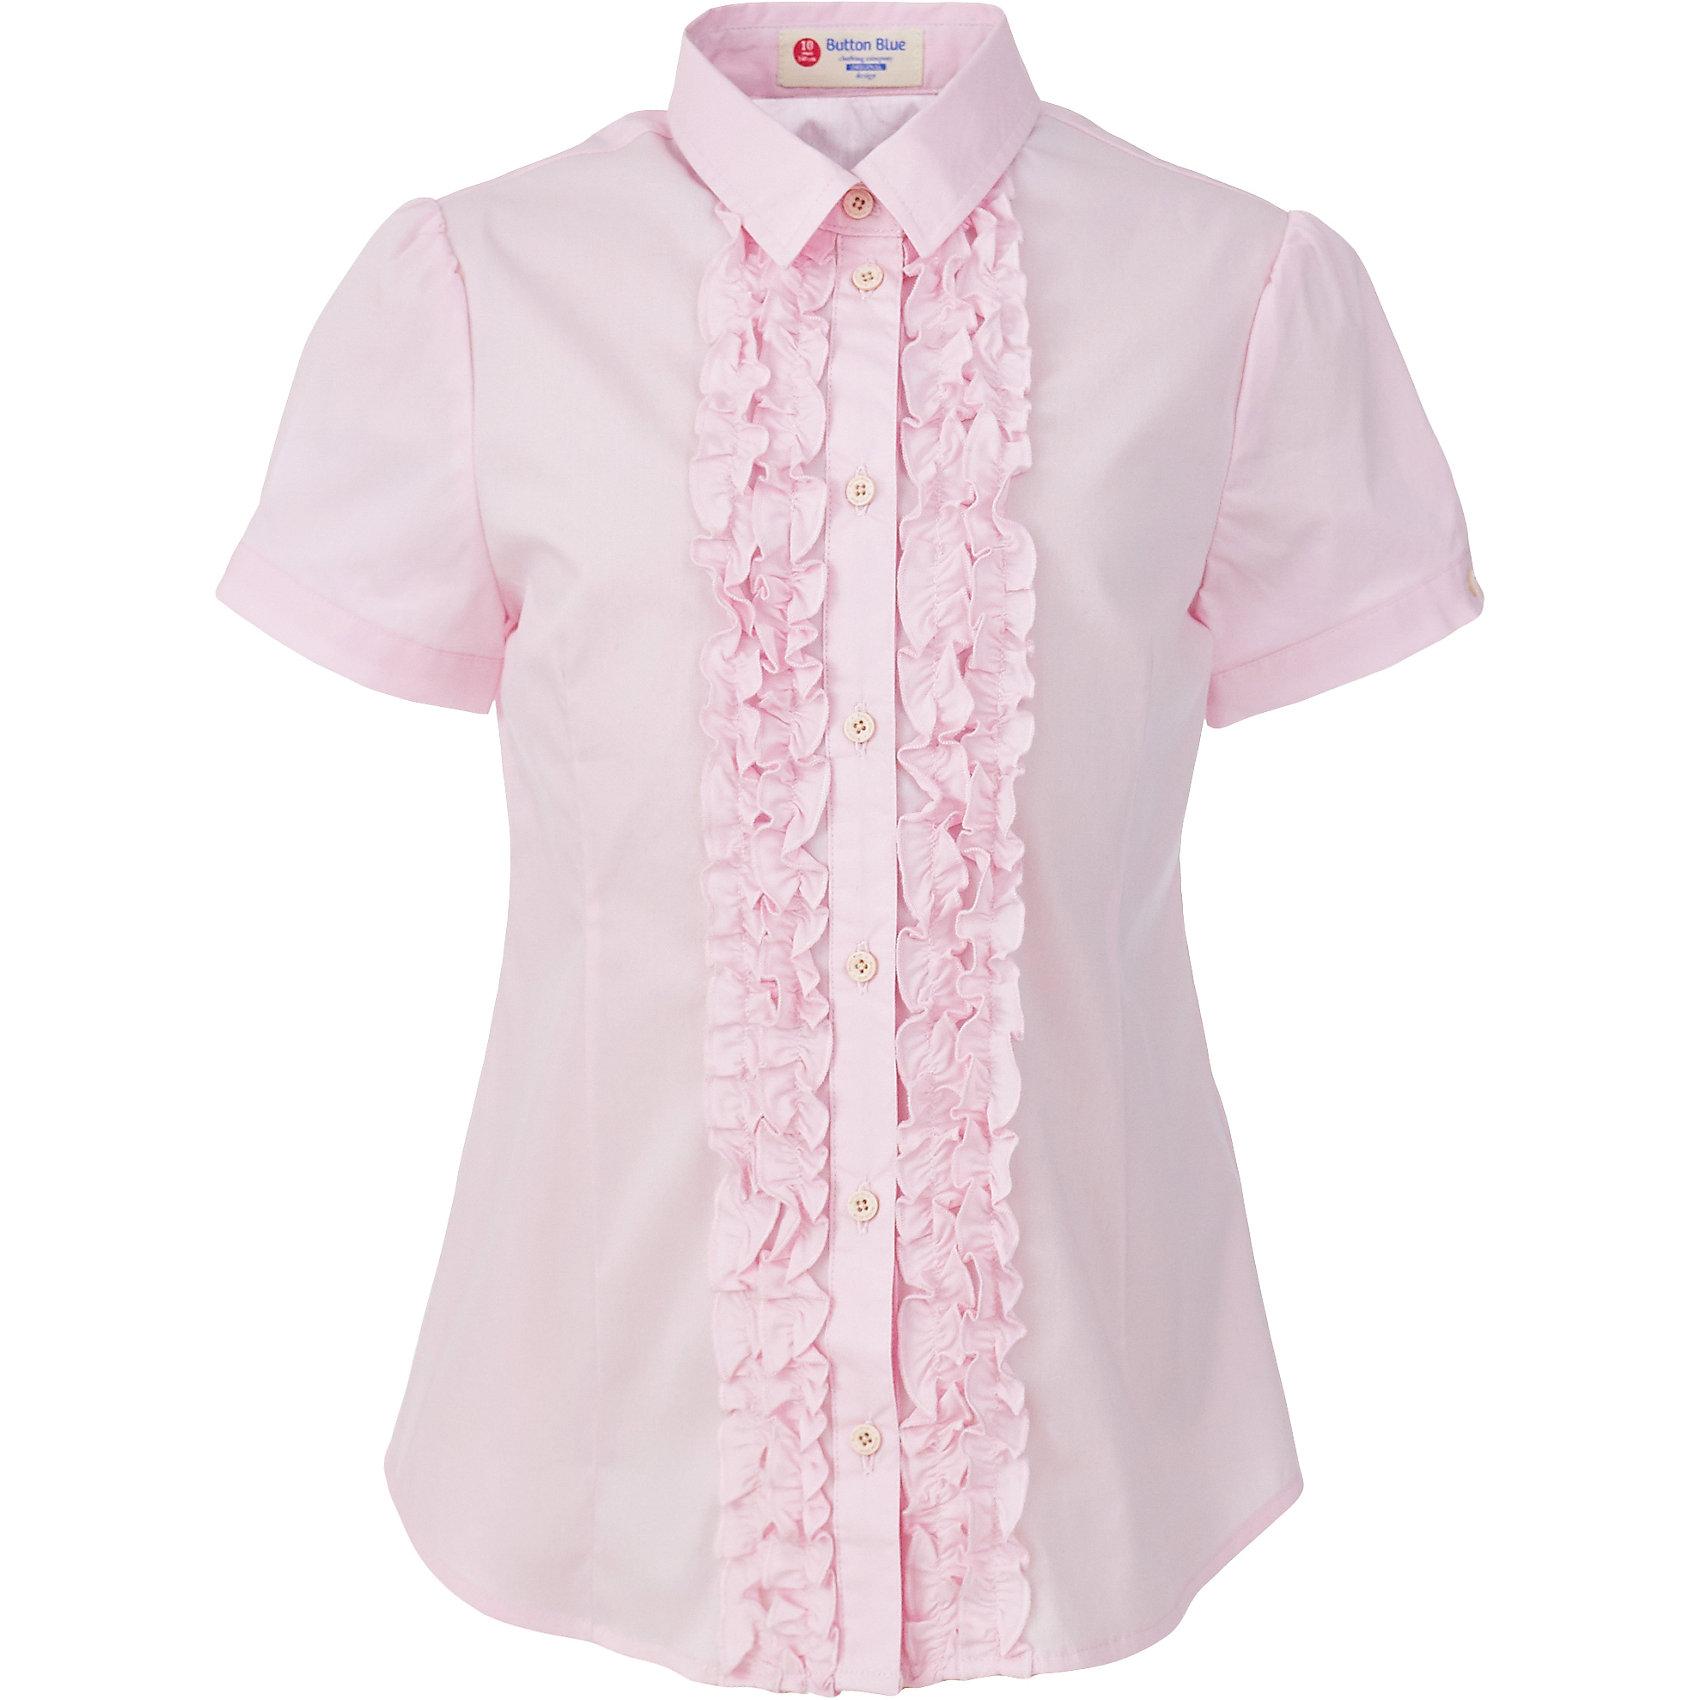 Блузка для девочки BUTTON BLUEБлузки и рубашки<br>Блузка для девочки BUTTON BLUE<br>Блузки для школы купить не сложно, но выбрать модель, сочетающую прекрасный состав, элегантный дизайн, привлекательную цену, не так уж и легко. Купить красивую школьную блузку для девочки недорого возможно, если это блузка от Button Blue! Нарядная розовая   блузка сделает каждый день ребенка комфортным!<br>Состав:<br>62% хлопок,  35%нейлон,                3% эластан<br><br>Ширина мм: 186<br>Глубина мм: 87<br>Высота мм: 198<br>Вес г: 197<br>Цвет: розовый<br>Возраст от месяцев: 96<br>Возраст до месяцев: 108<br>Пол: Женский<br>Возраст: Детский<br>Размер: 134,140,146,152,158,164,122,128<br>SKU: 6739357